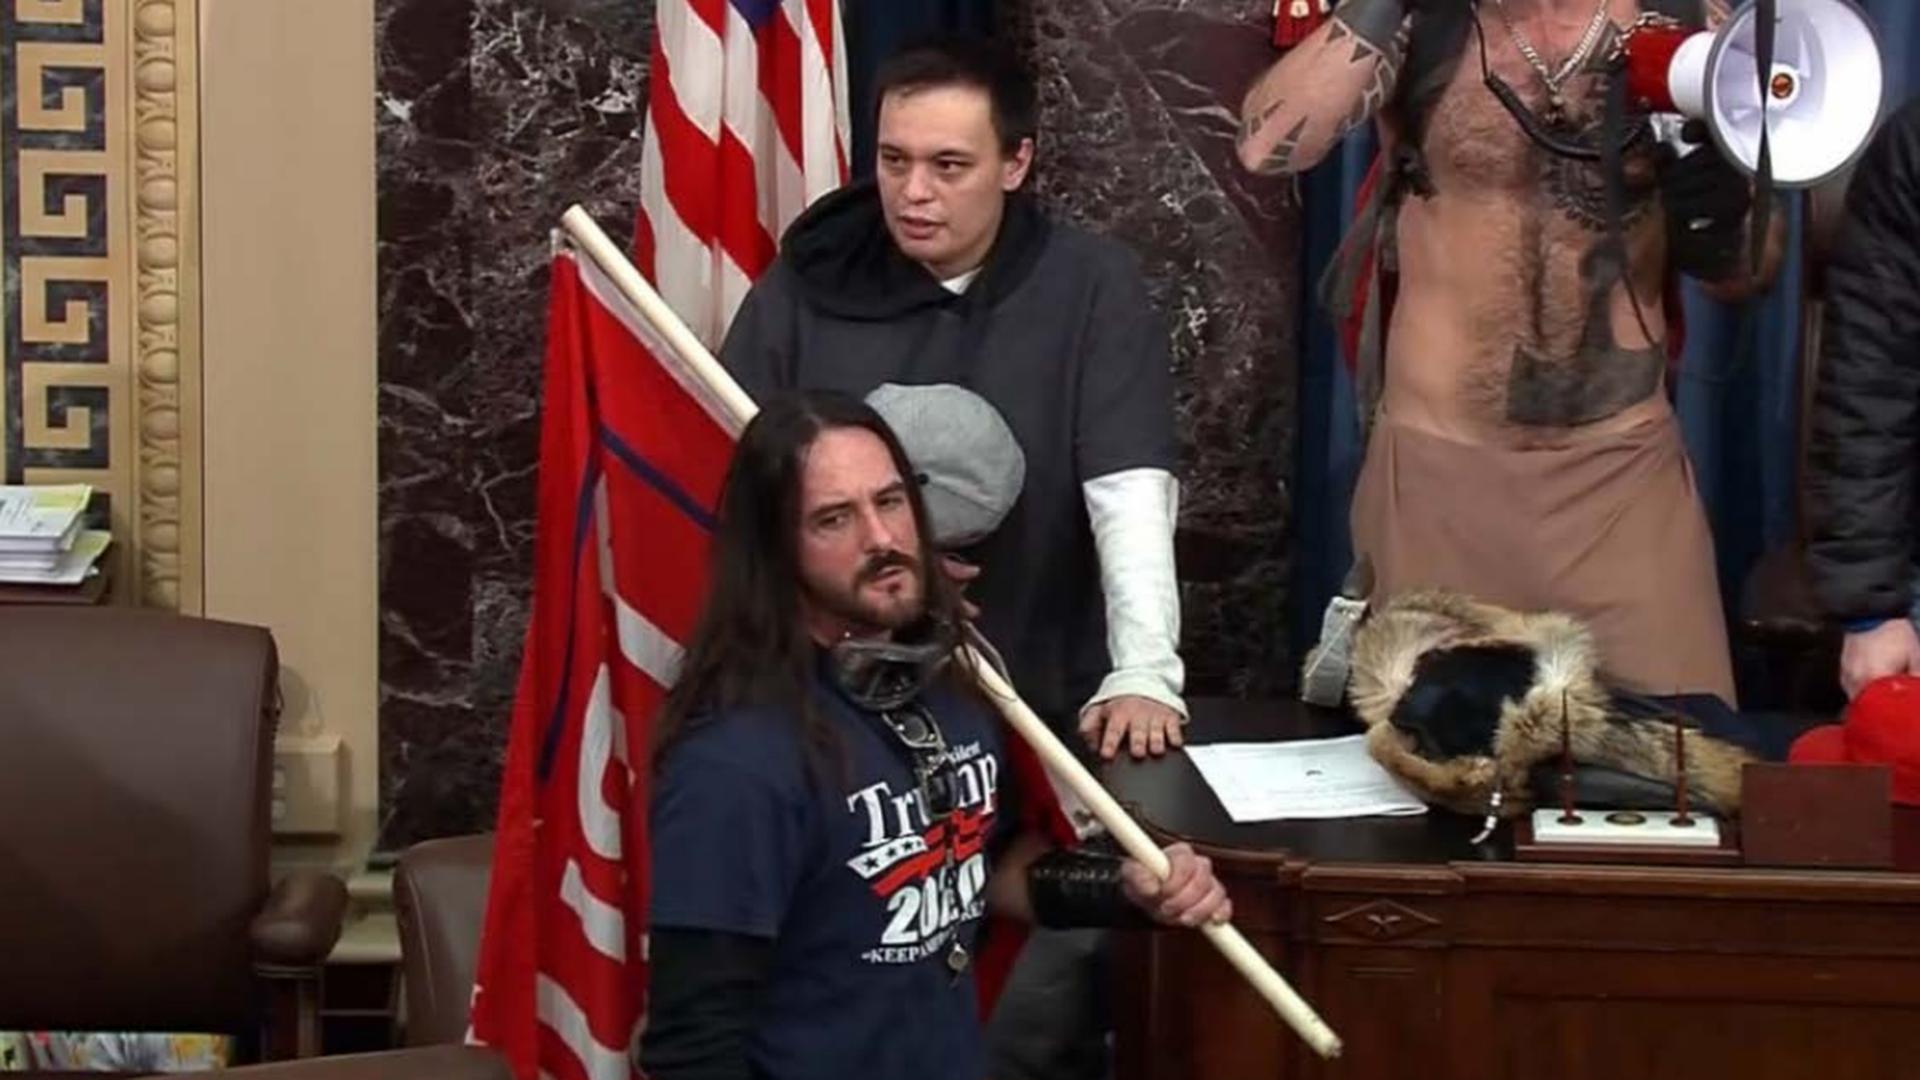 Vụ 6/1: Tám tháng tù cho một người xông vào phòng họp Thượng viện